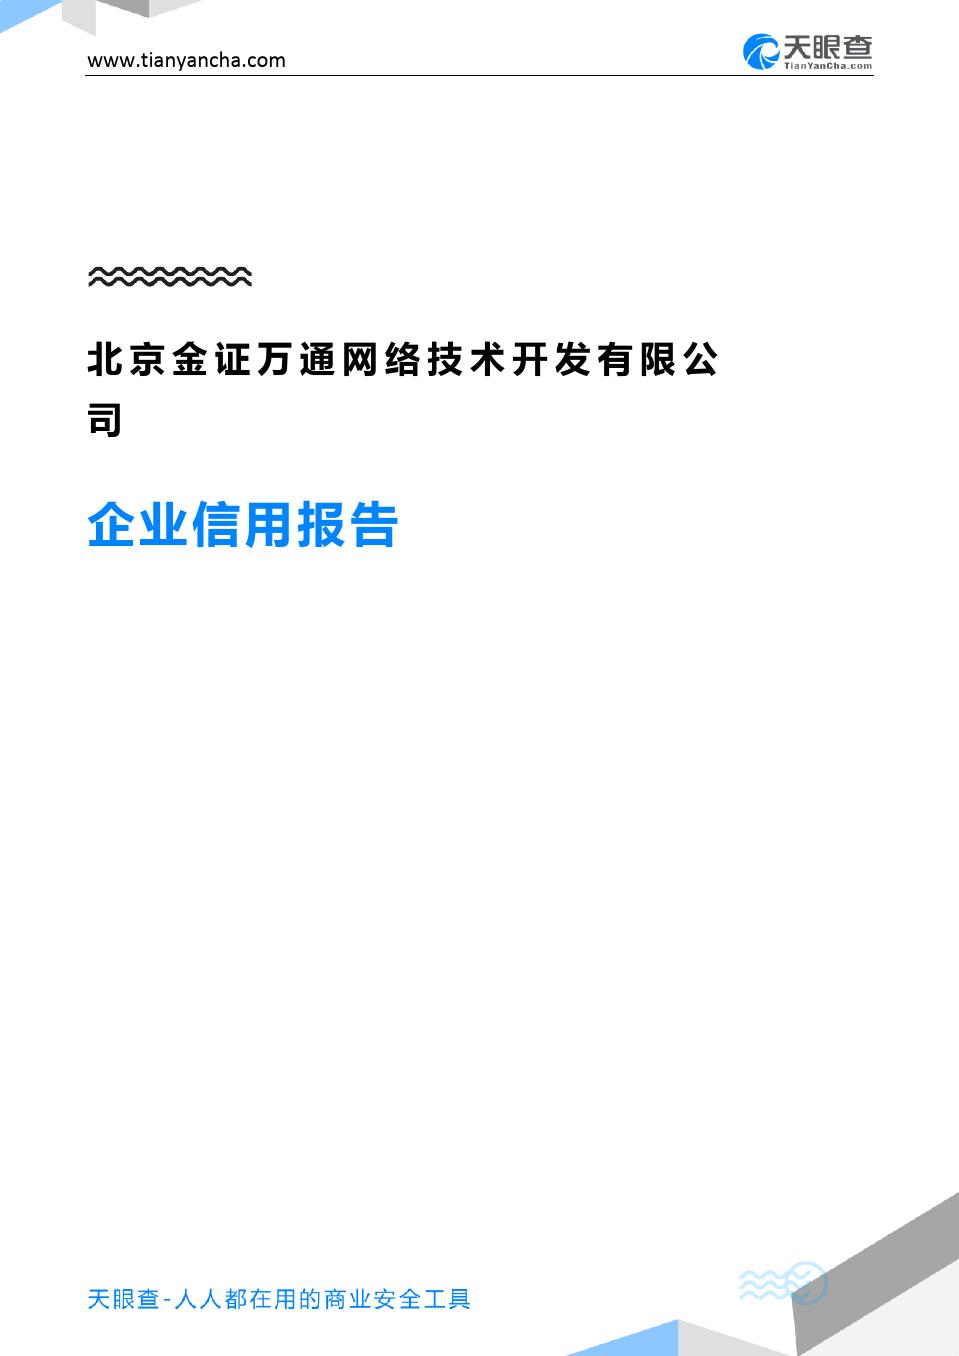 北京金证万通网络技术开发有限公司(企业信用报告)- 天眼查